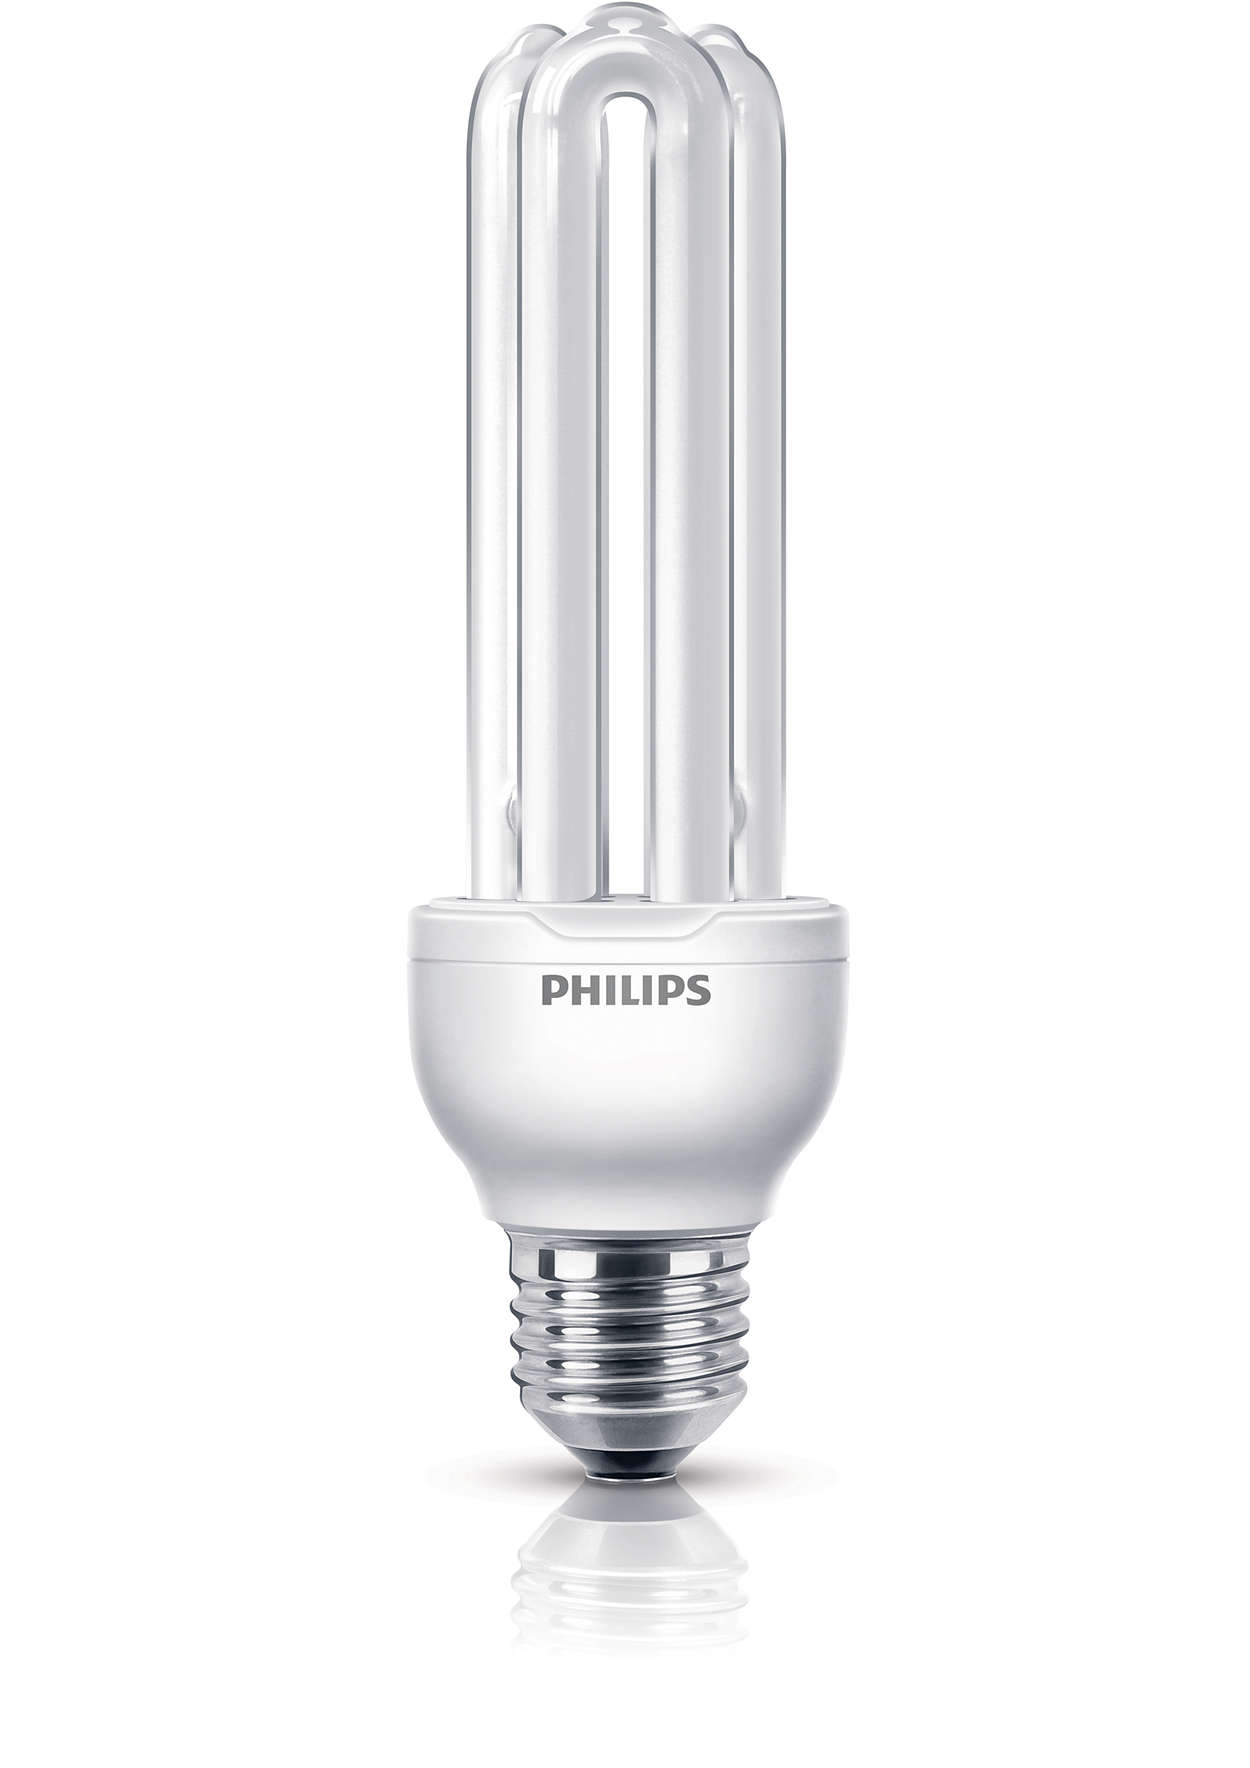 Philips-kwaliteit voor een lage prijs